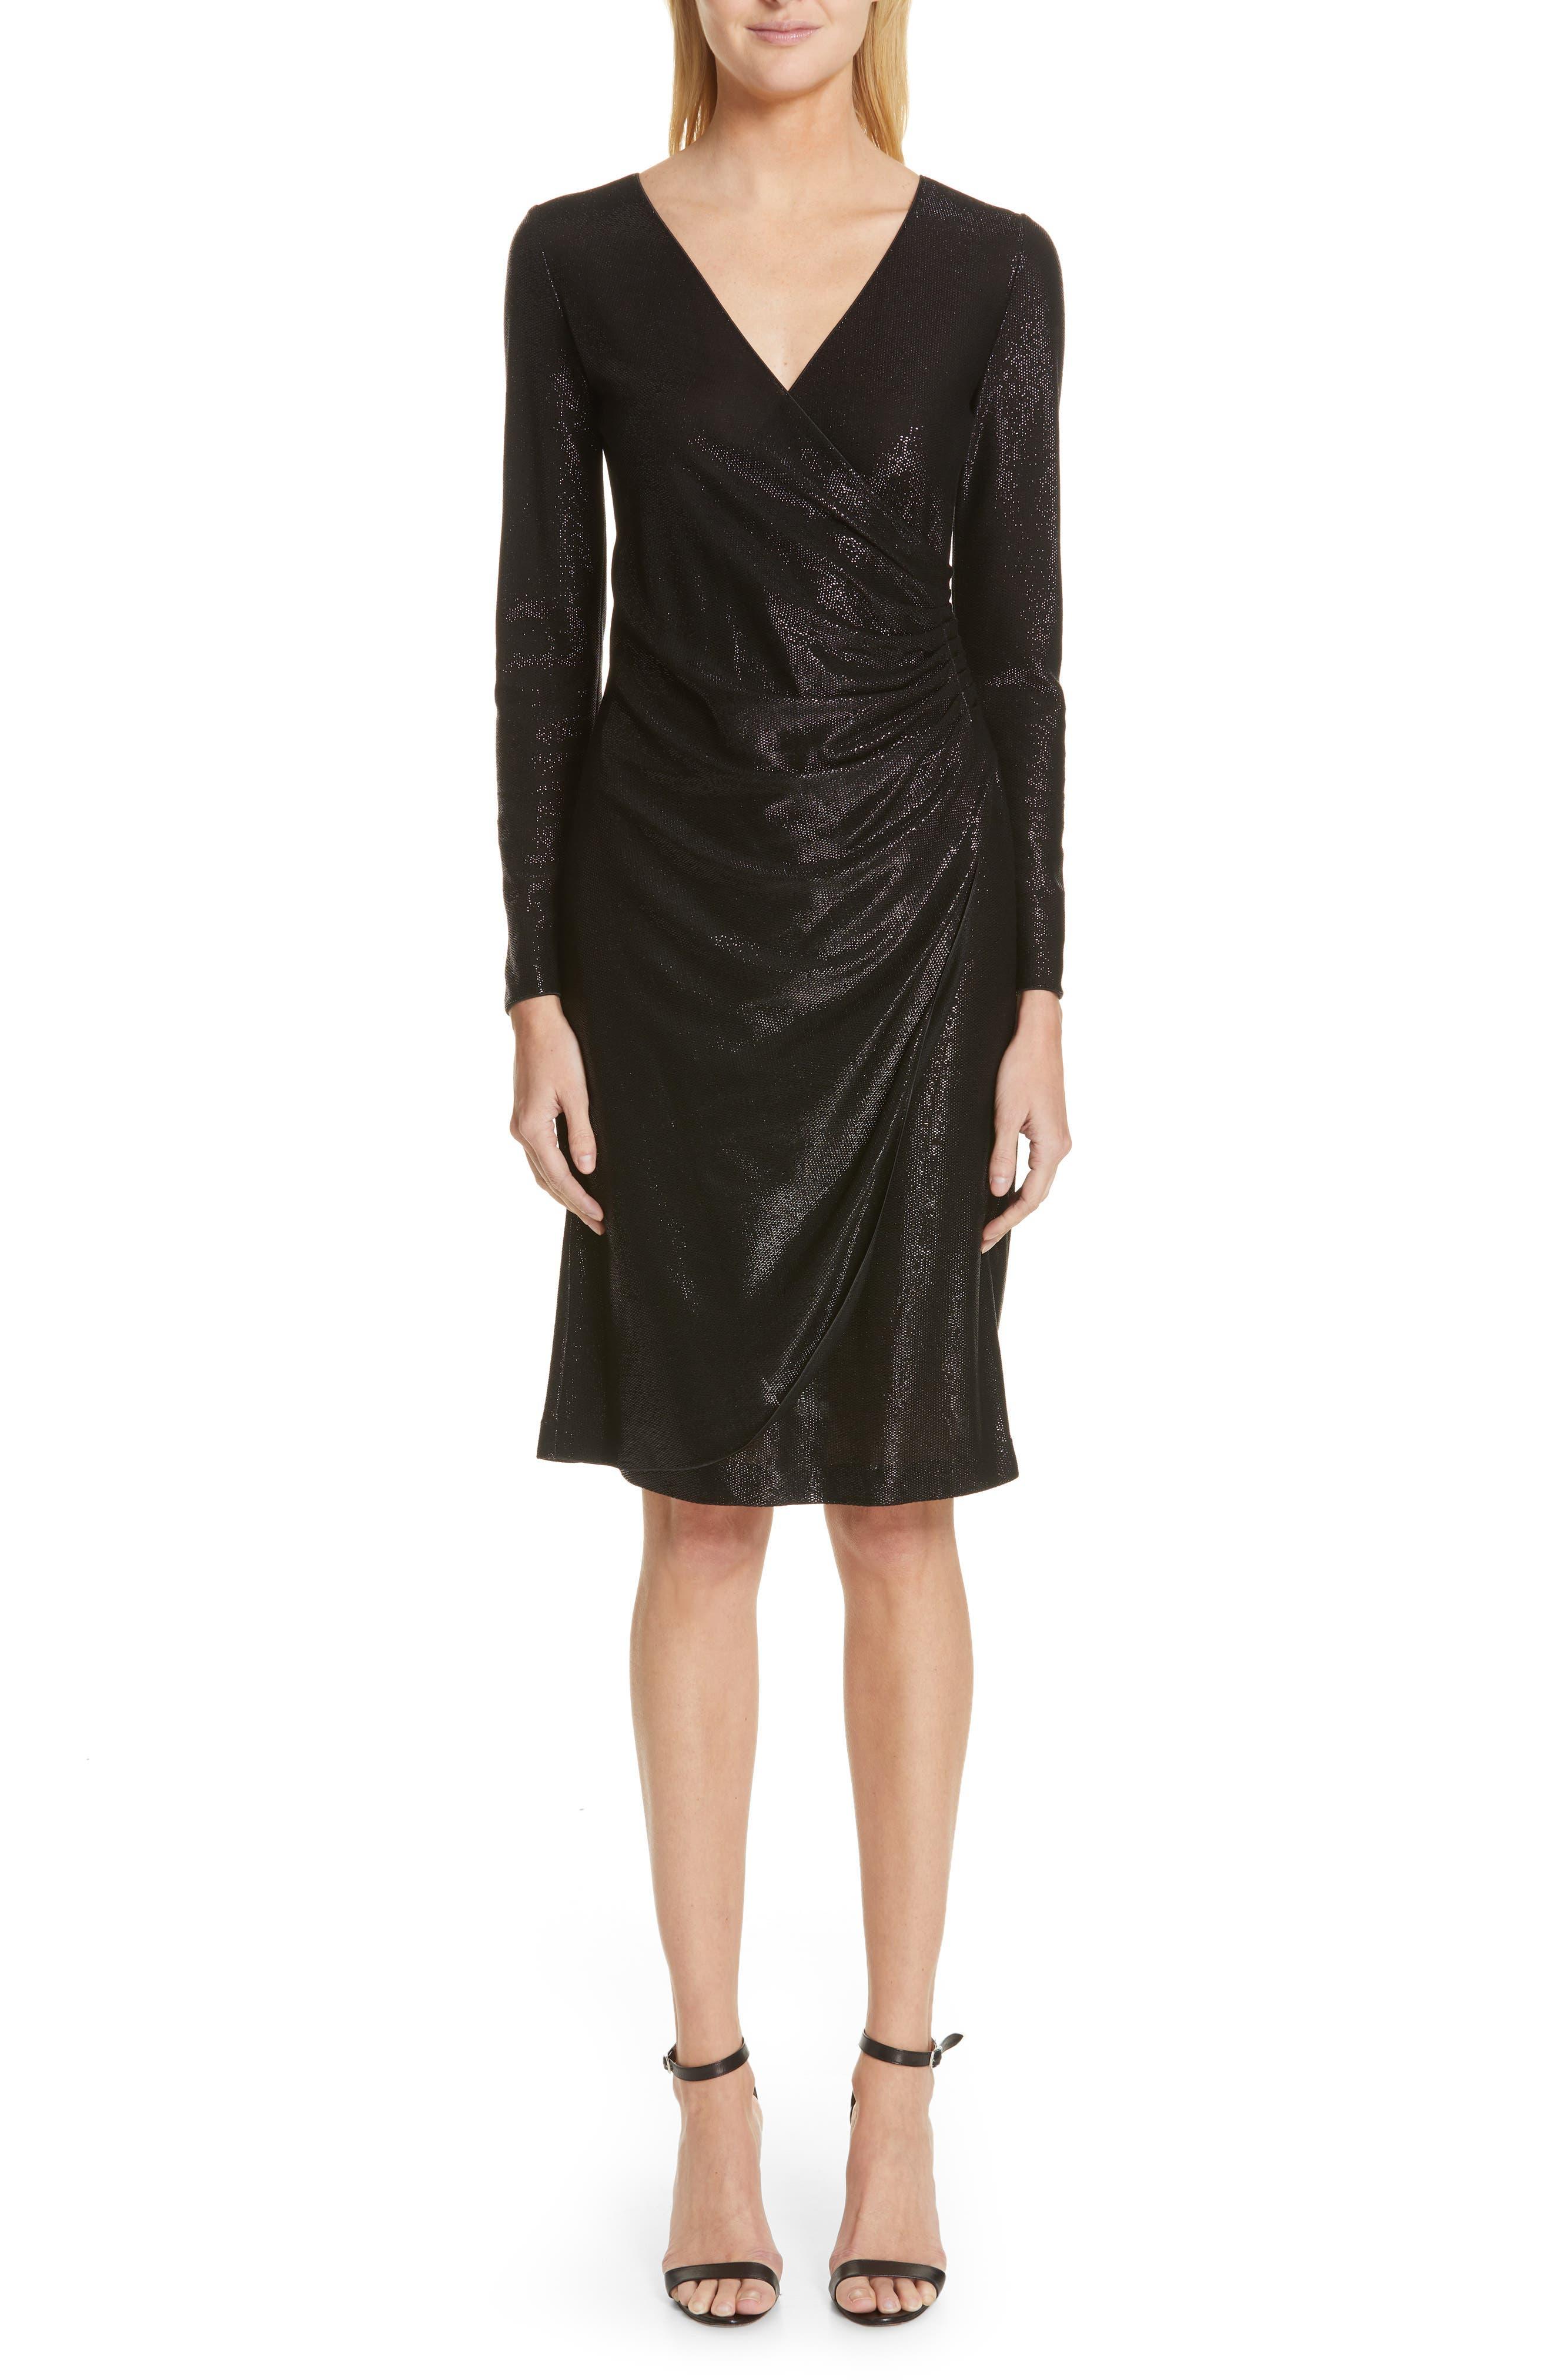 Emporio Armani Metallic Surplice Dress, 8 IT - Black